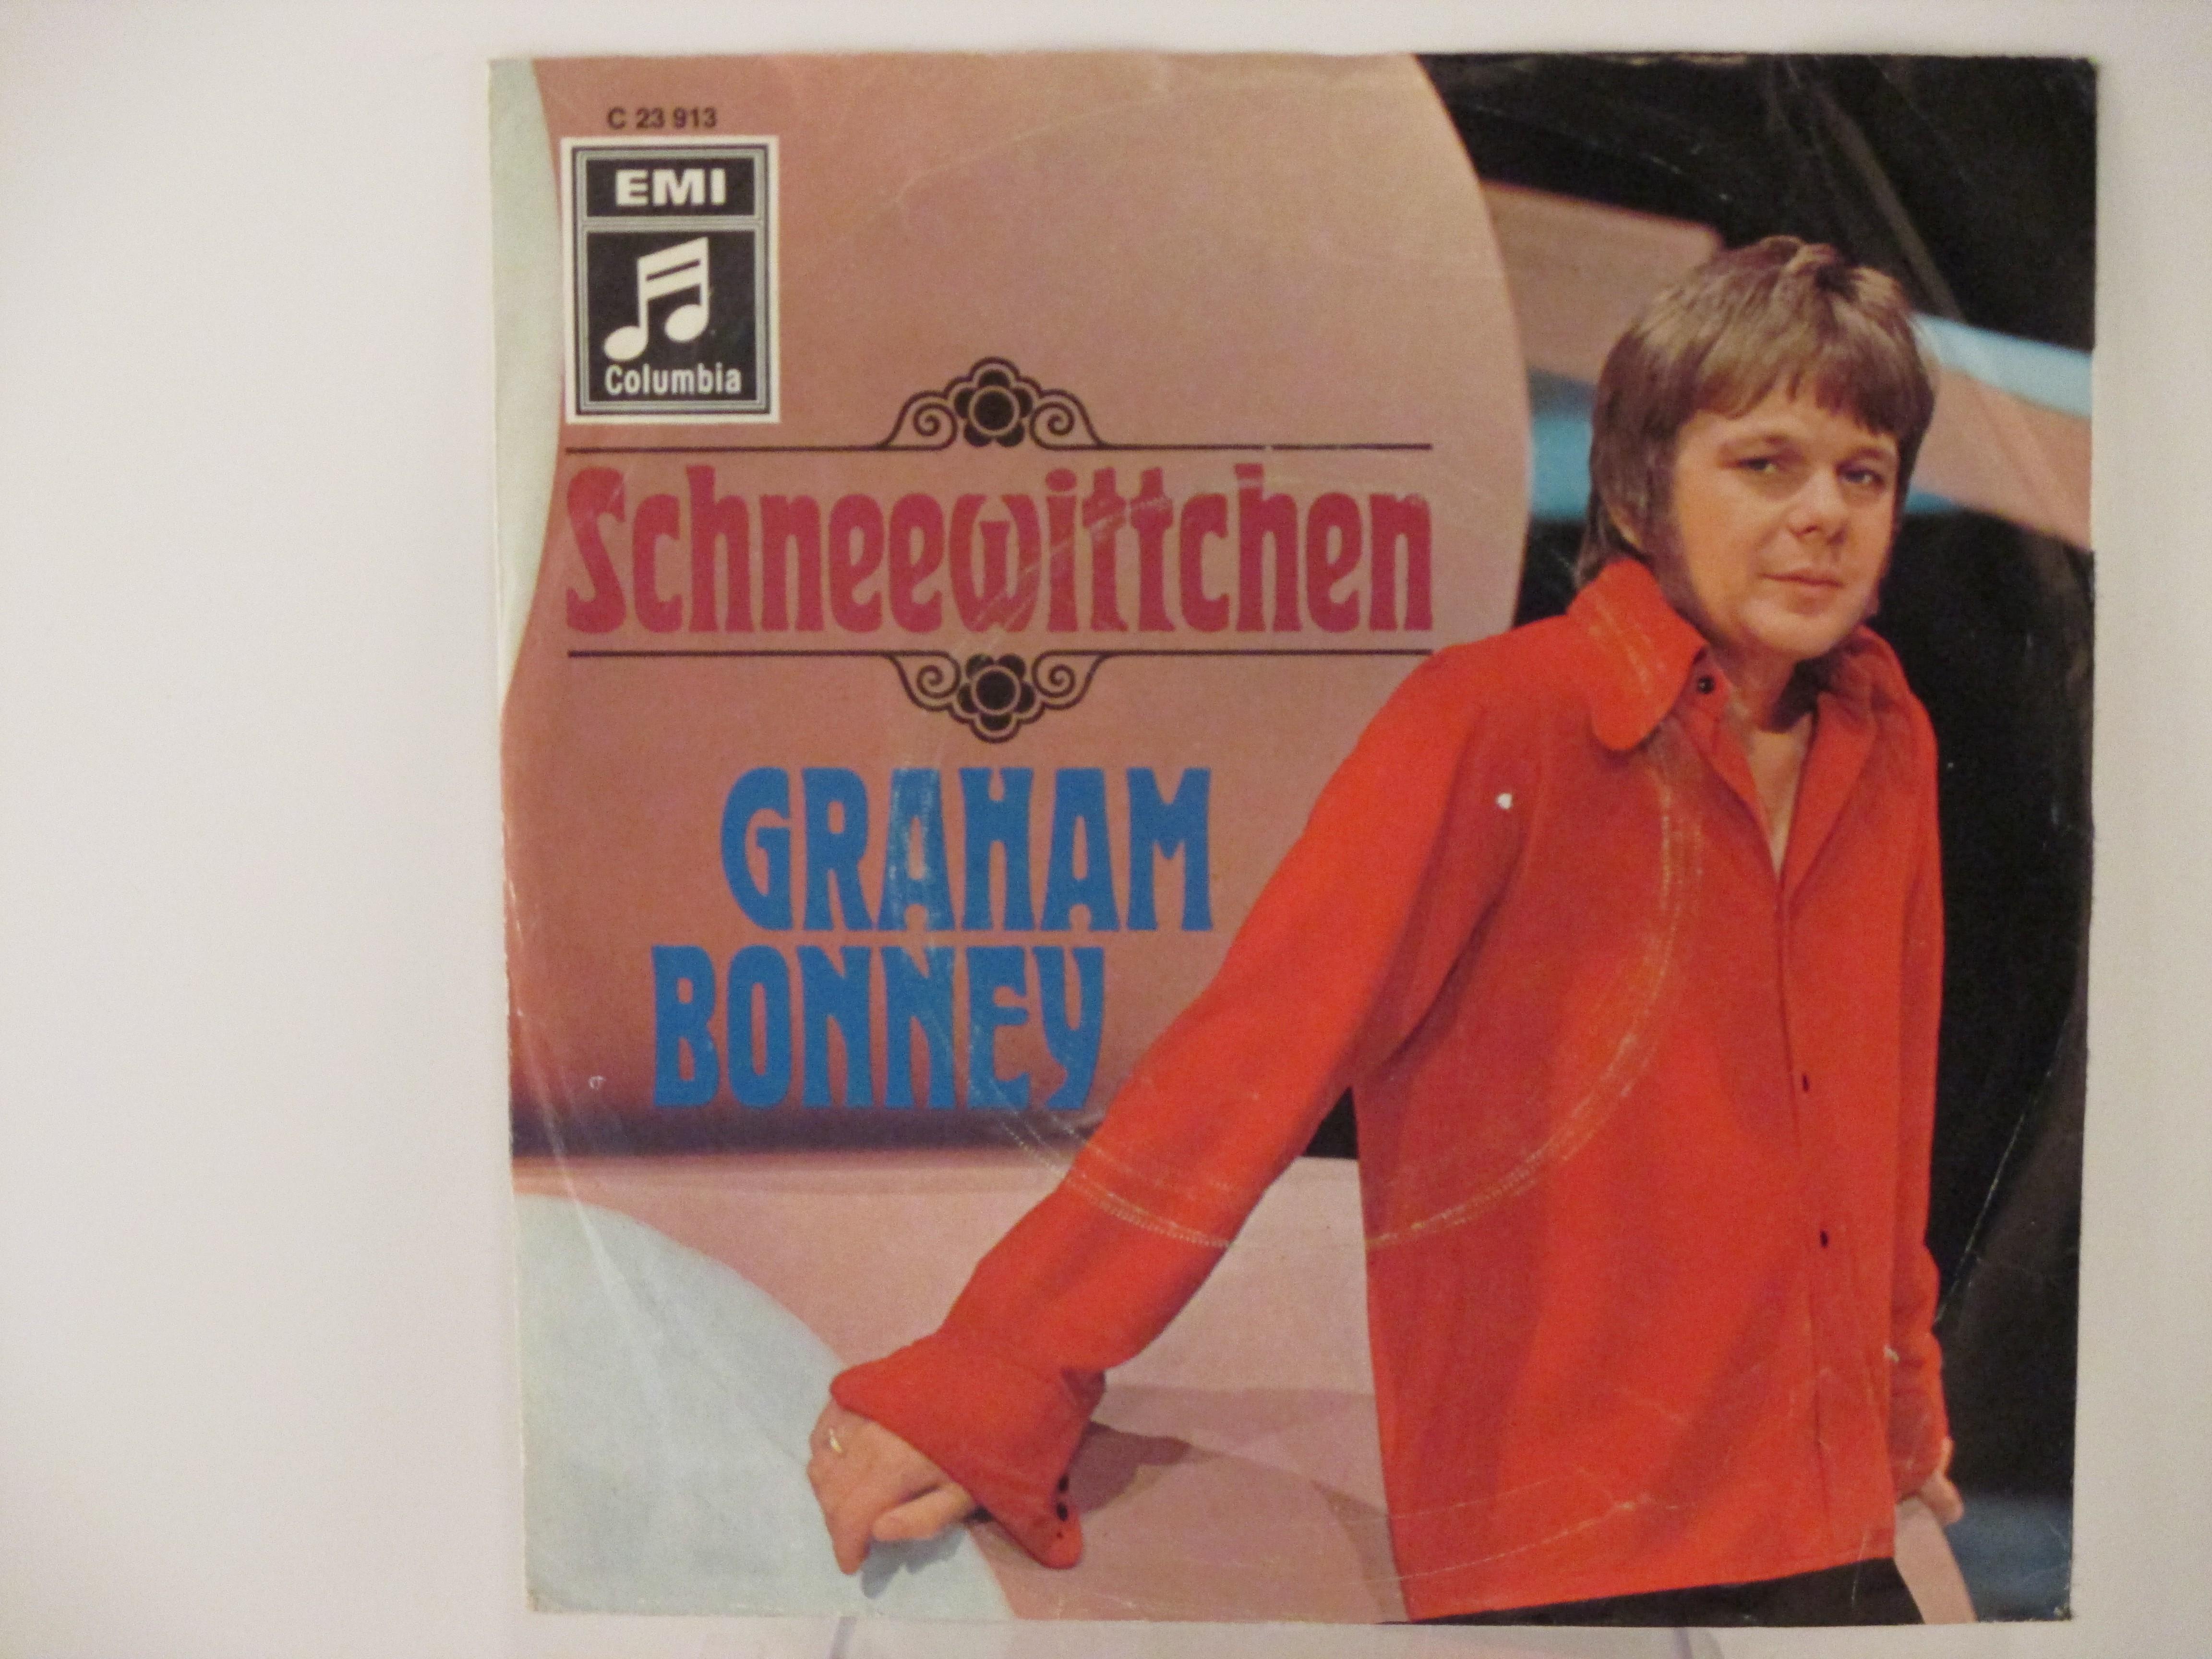 GRAHAM BONNEY (of Riot Squad) : Schneewittchen / Wähle 3-3-3